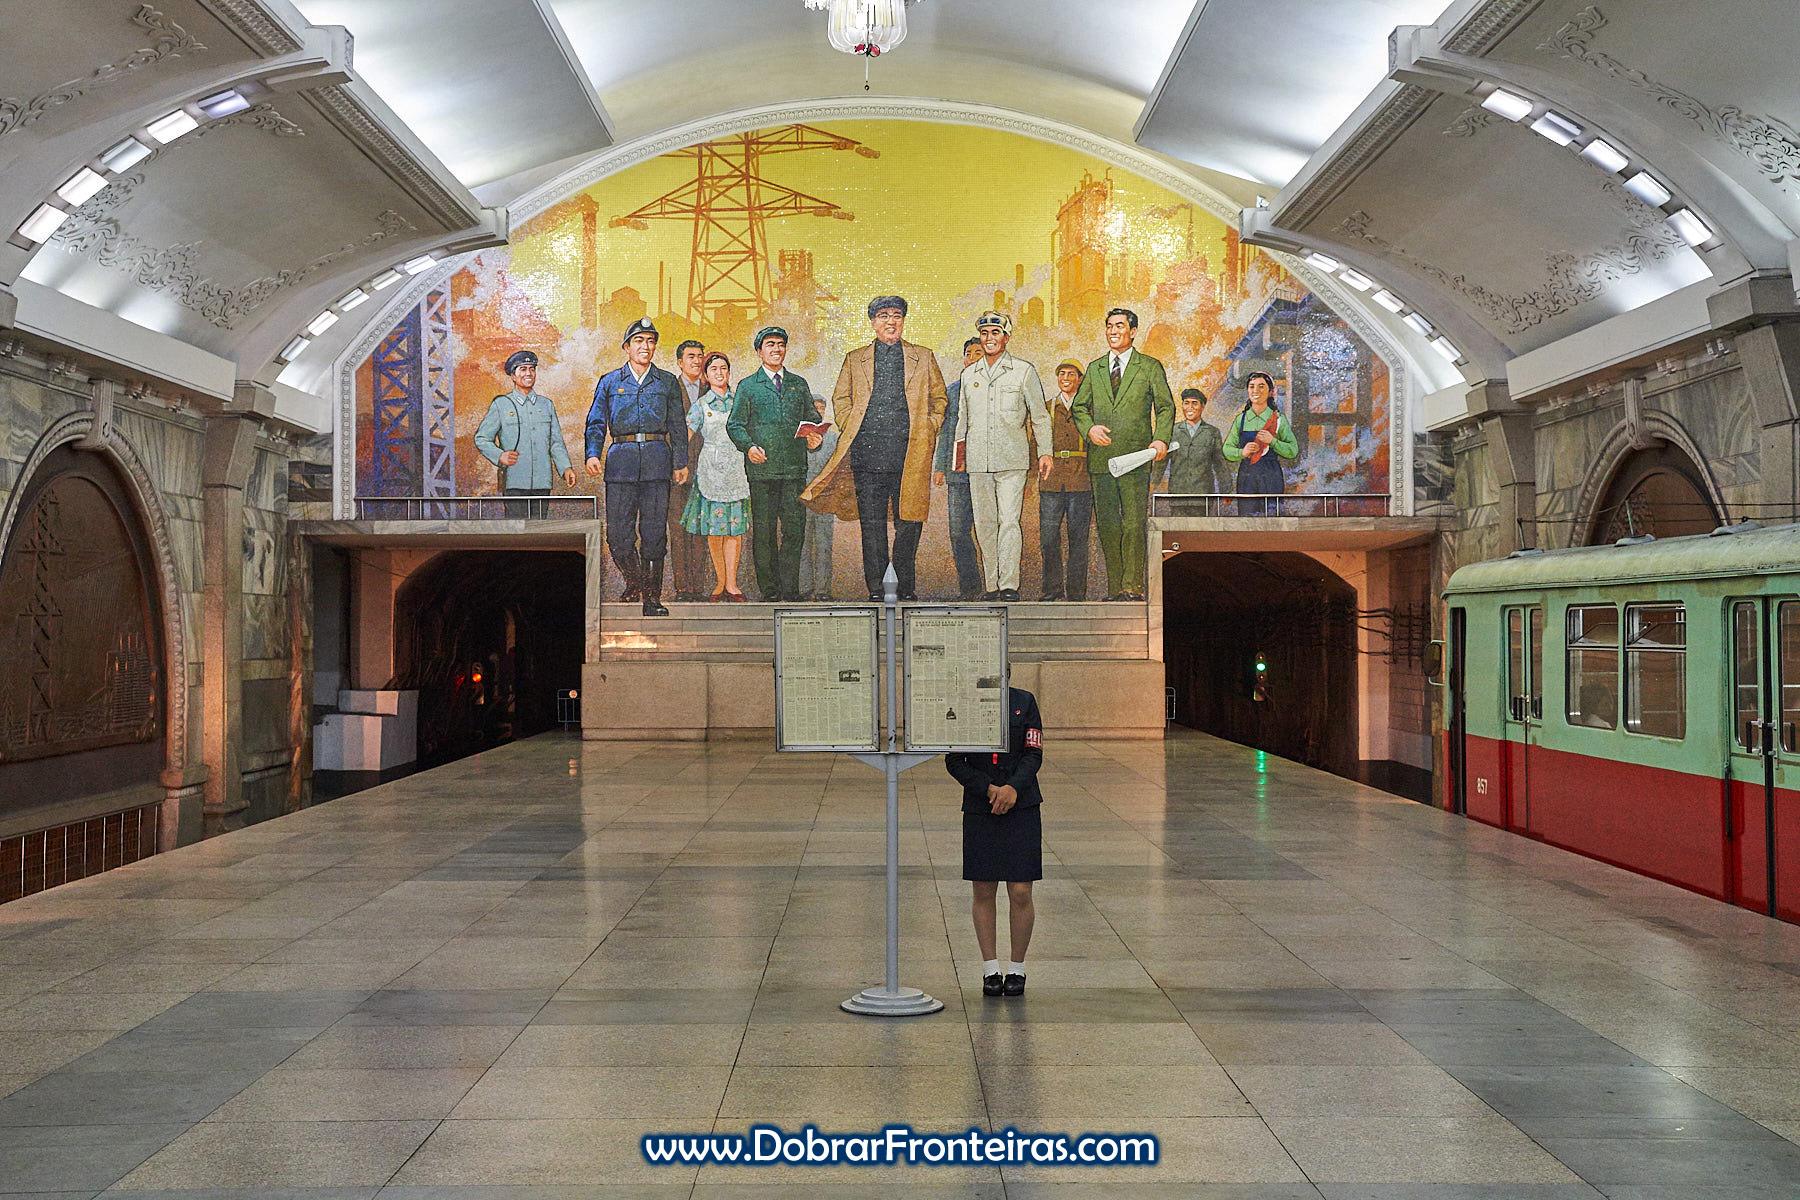 Funcionária a ler as notícias estação de Puhung, Pyongyang com mosaico e imagem de Kim-Il-Sung em fundo